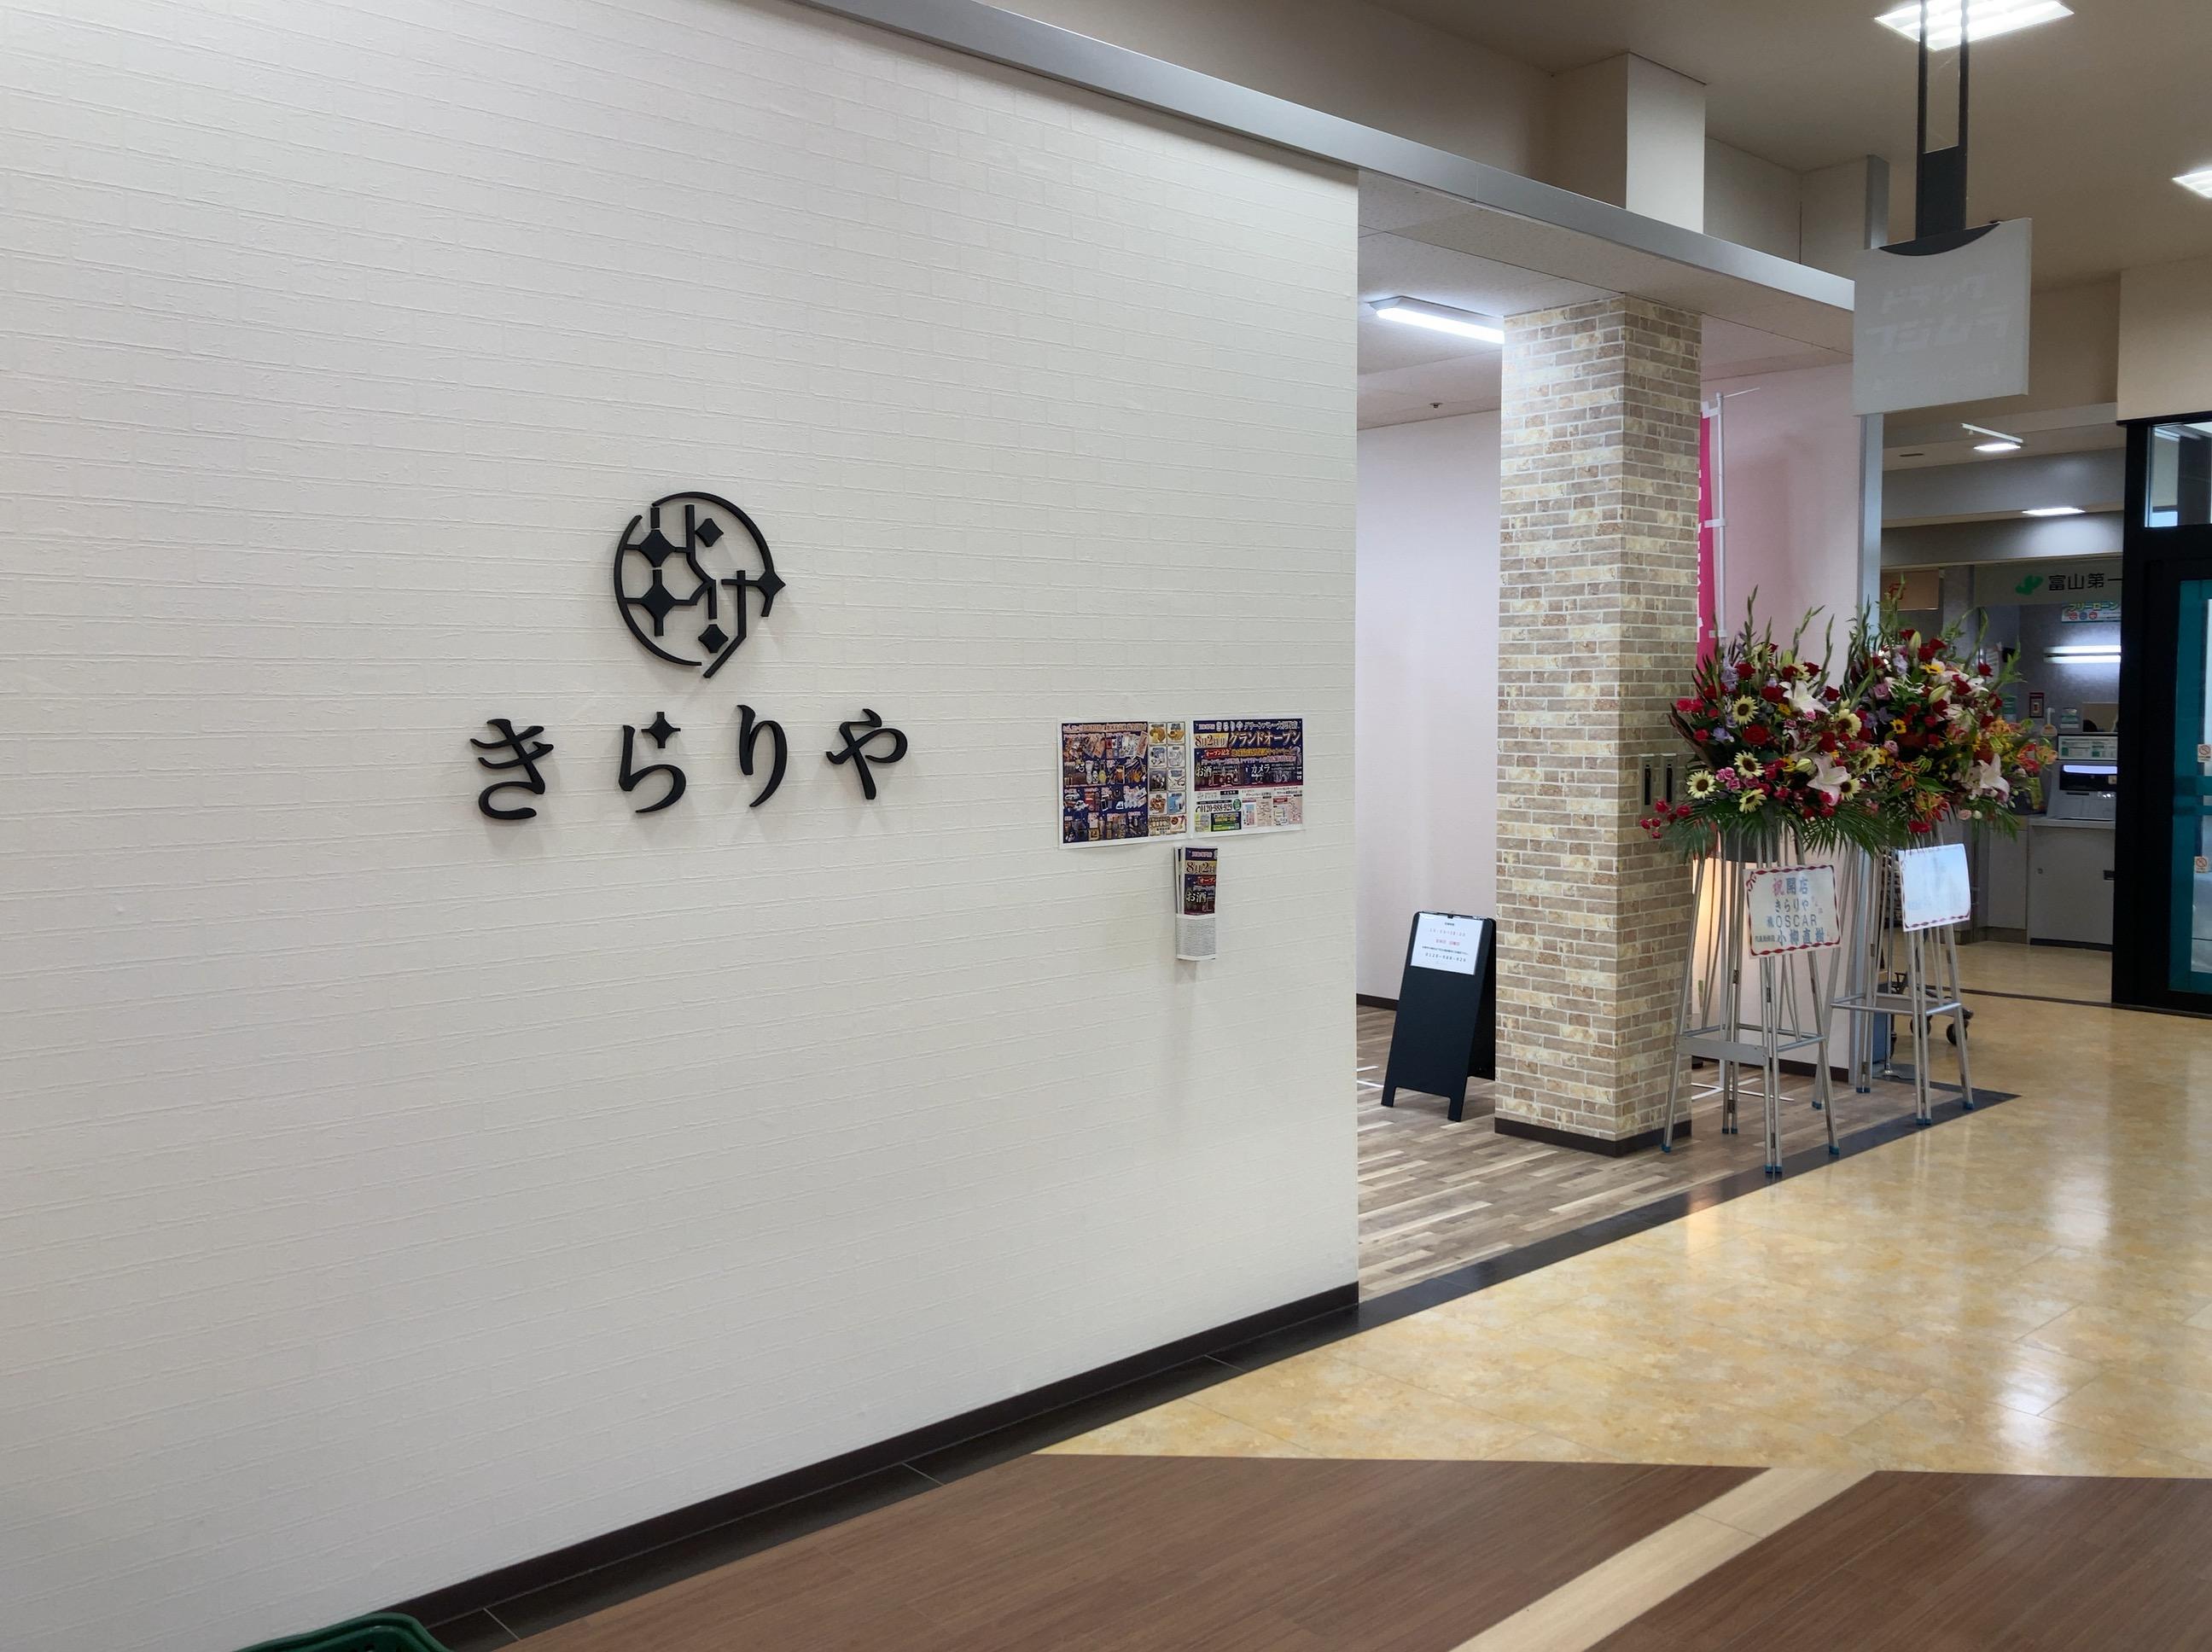 富山市大沢野、グリーンバレー大沢野に「きらりや」がオープンの画像